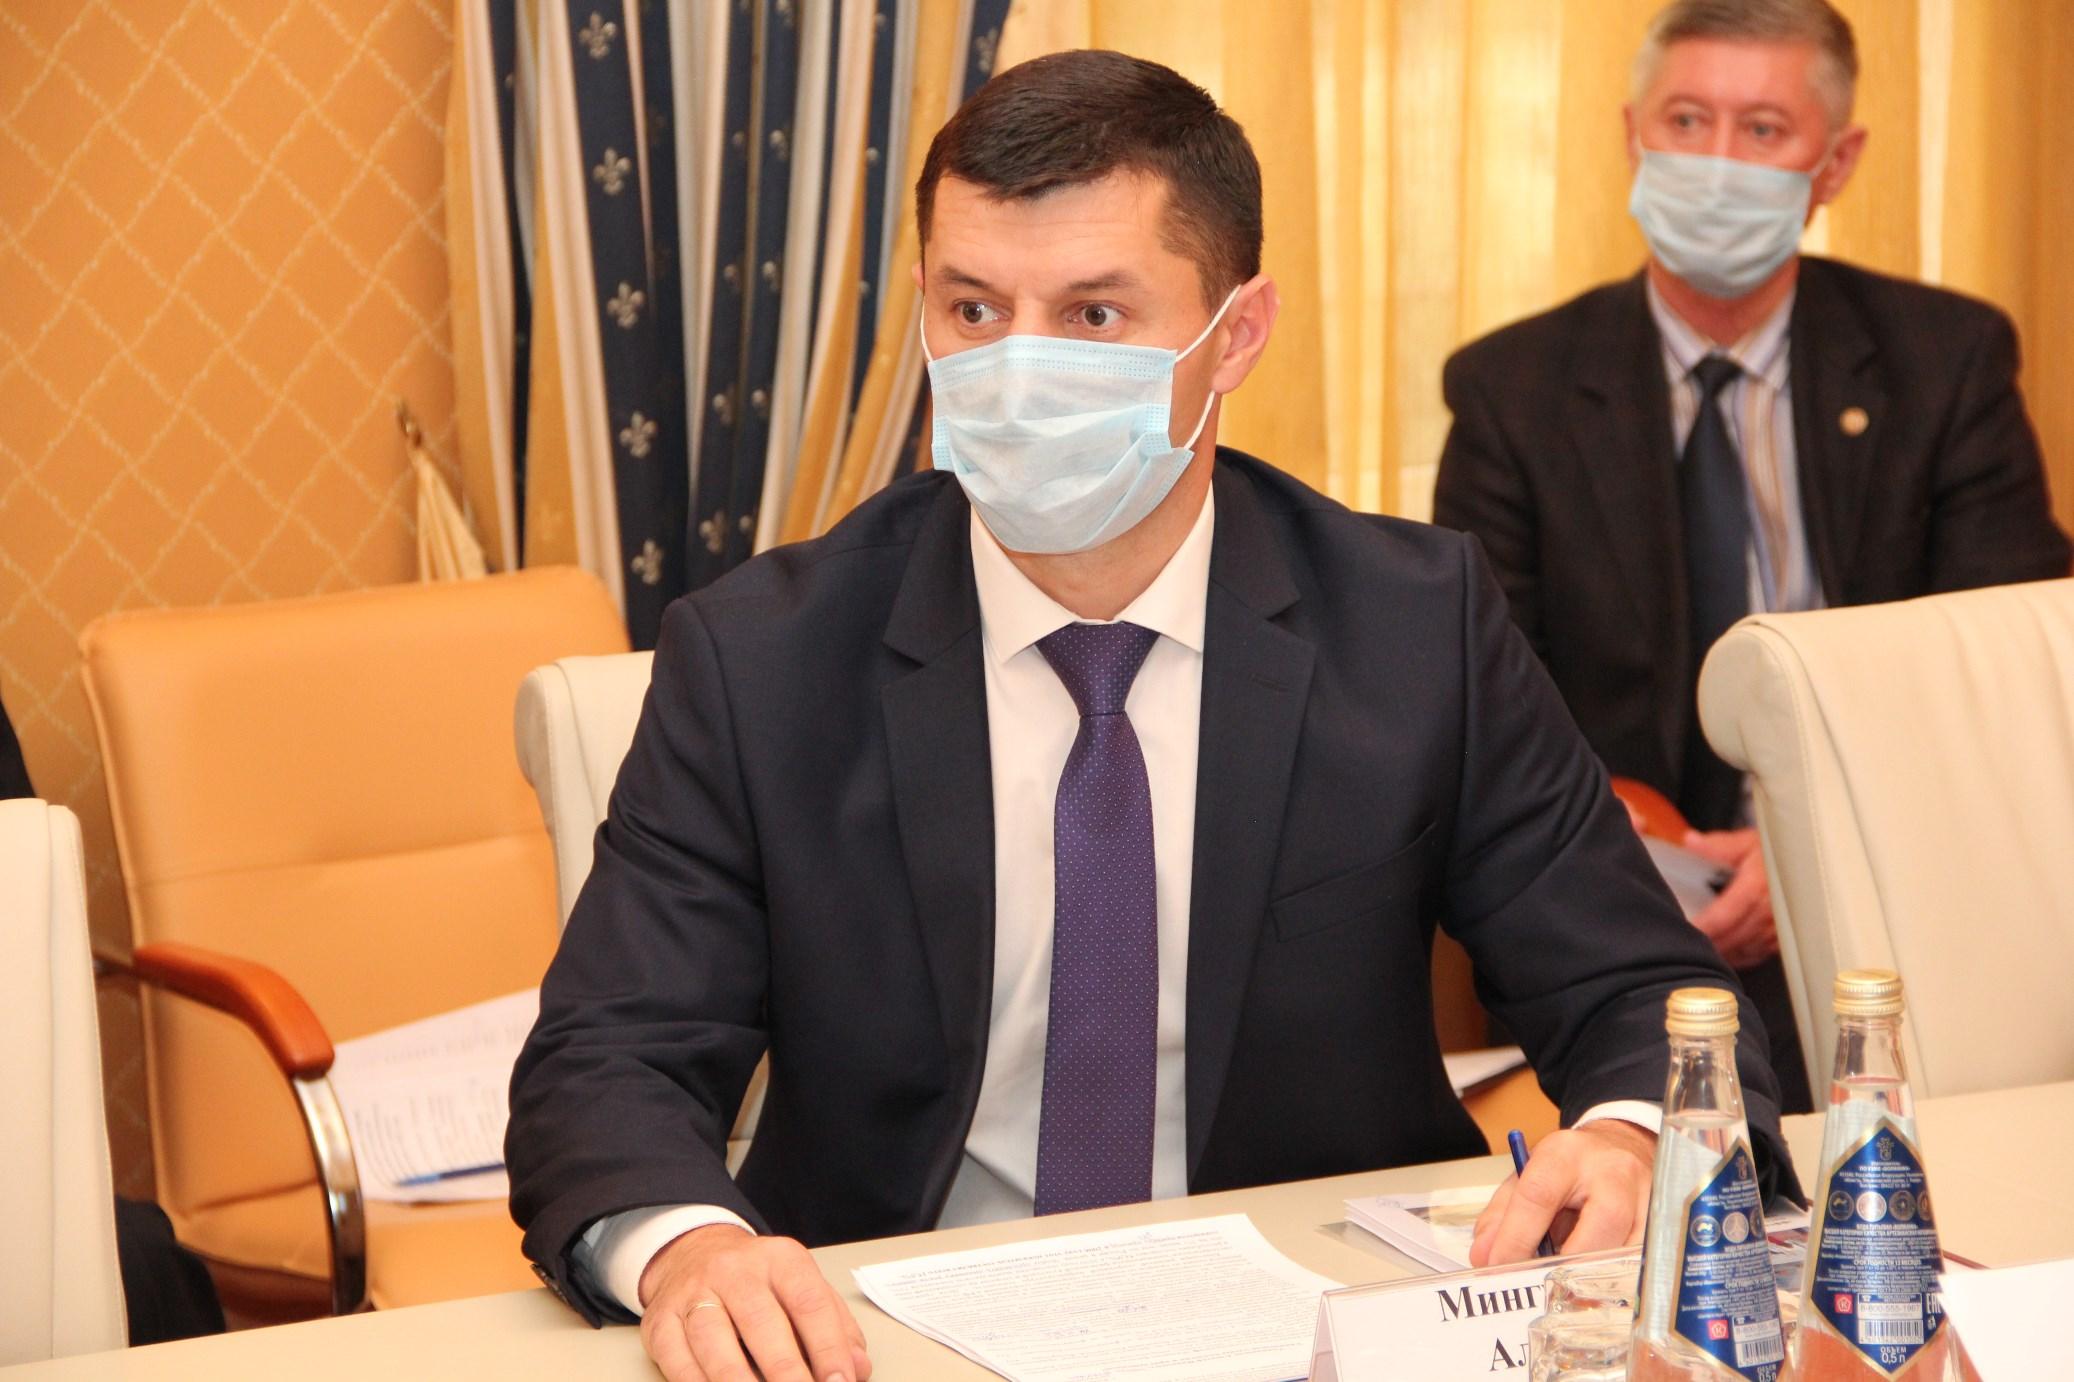 Заседание Коллегии Счетной палаты Республики Татарстан (22 сентября 2021 г.)